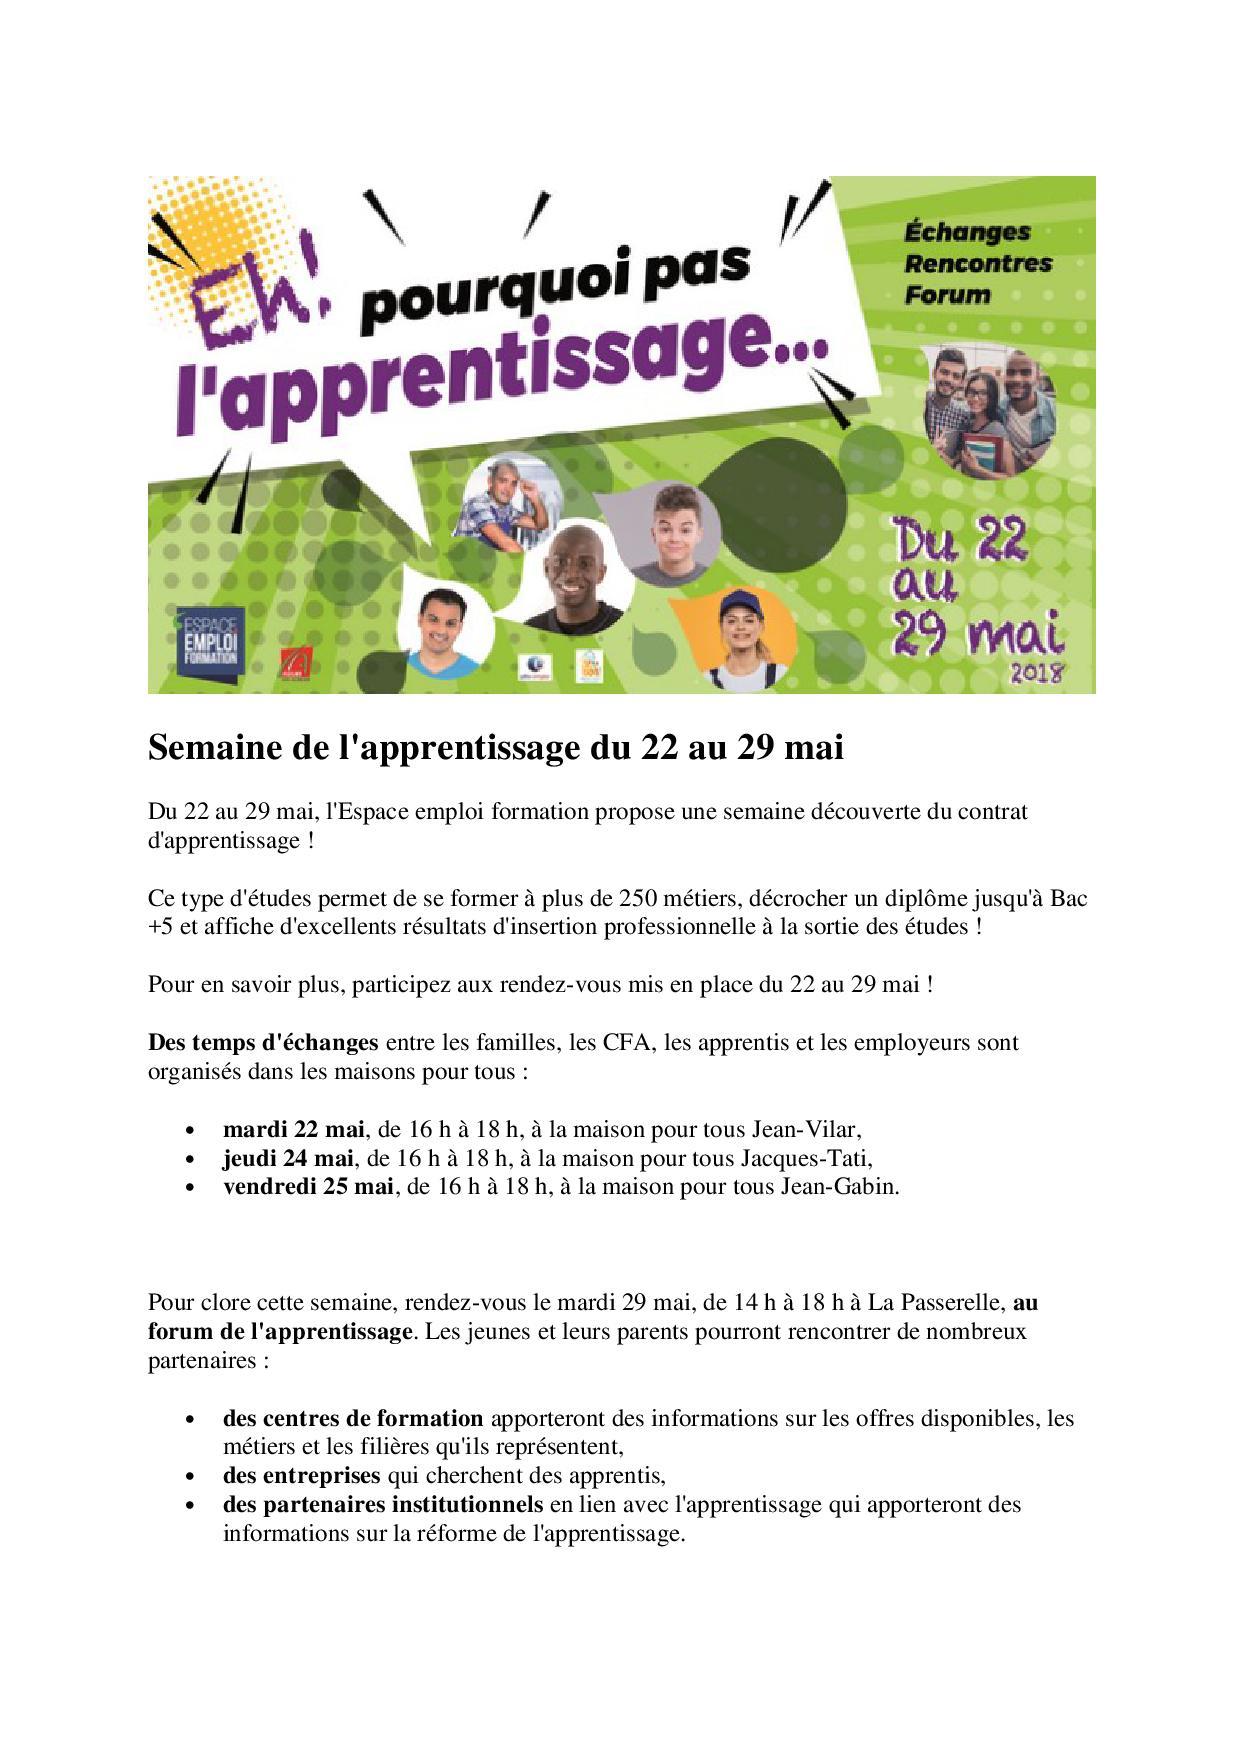 Document1 Semaine de l'apprentissage du 22 au 29 mai 2018.jpg